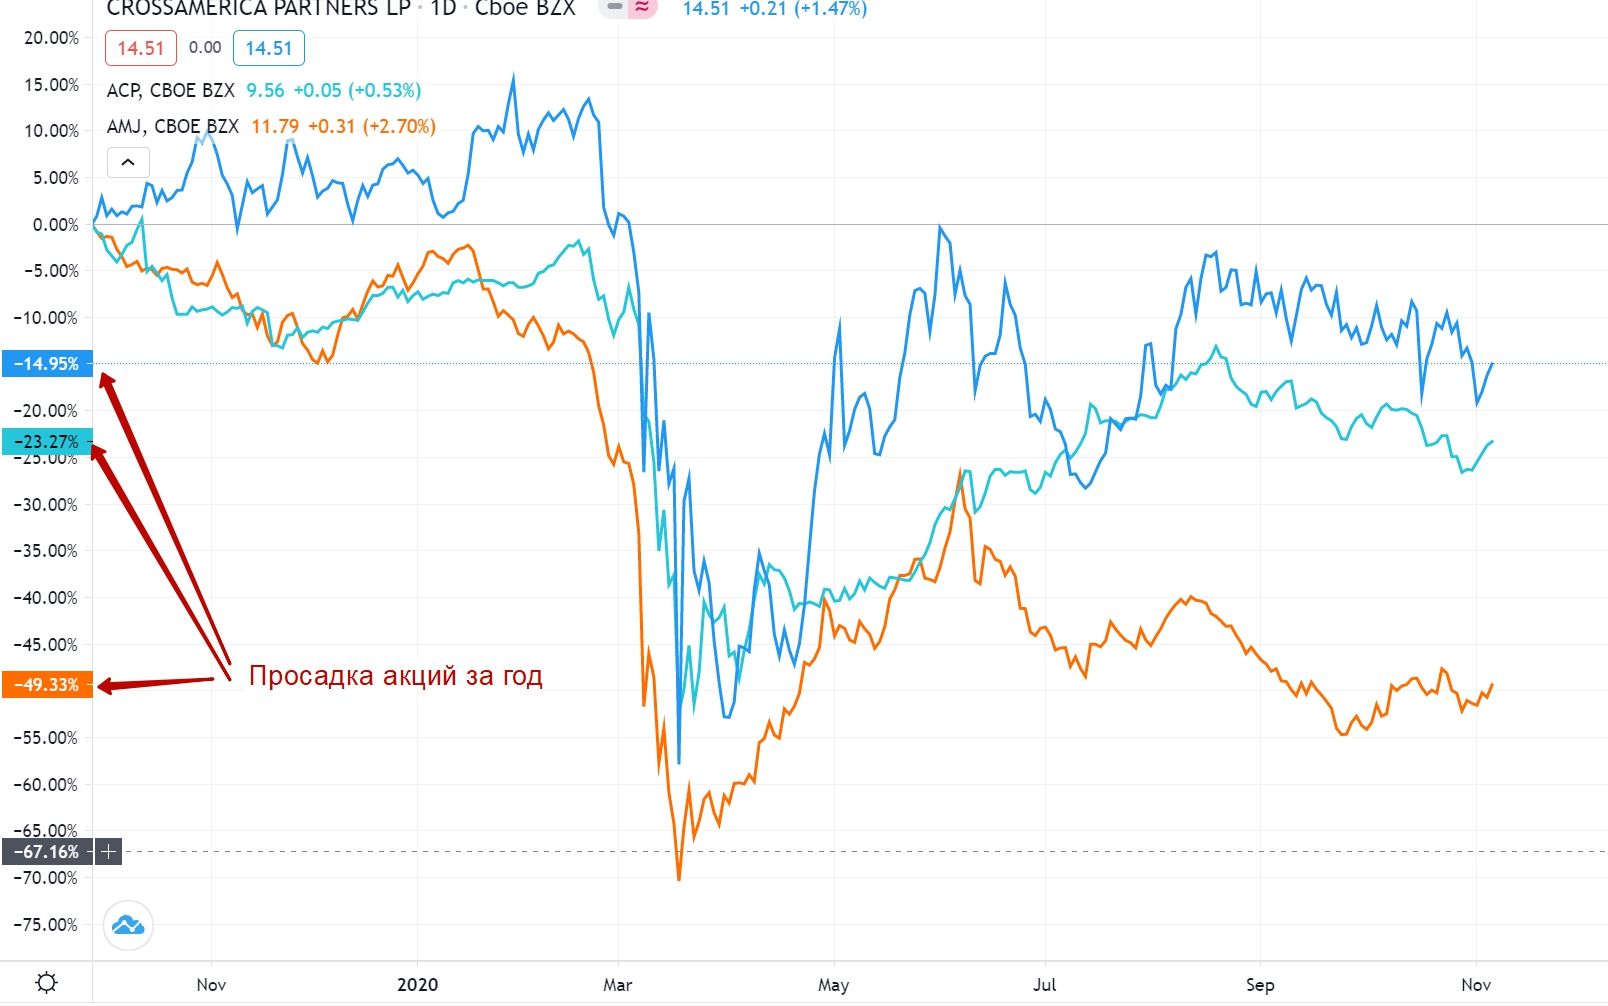 Снижение стоимости акций с большими дивидендами во времени